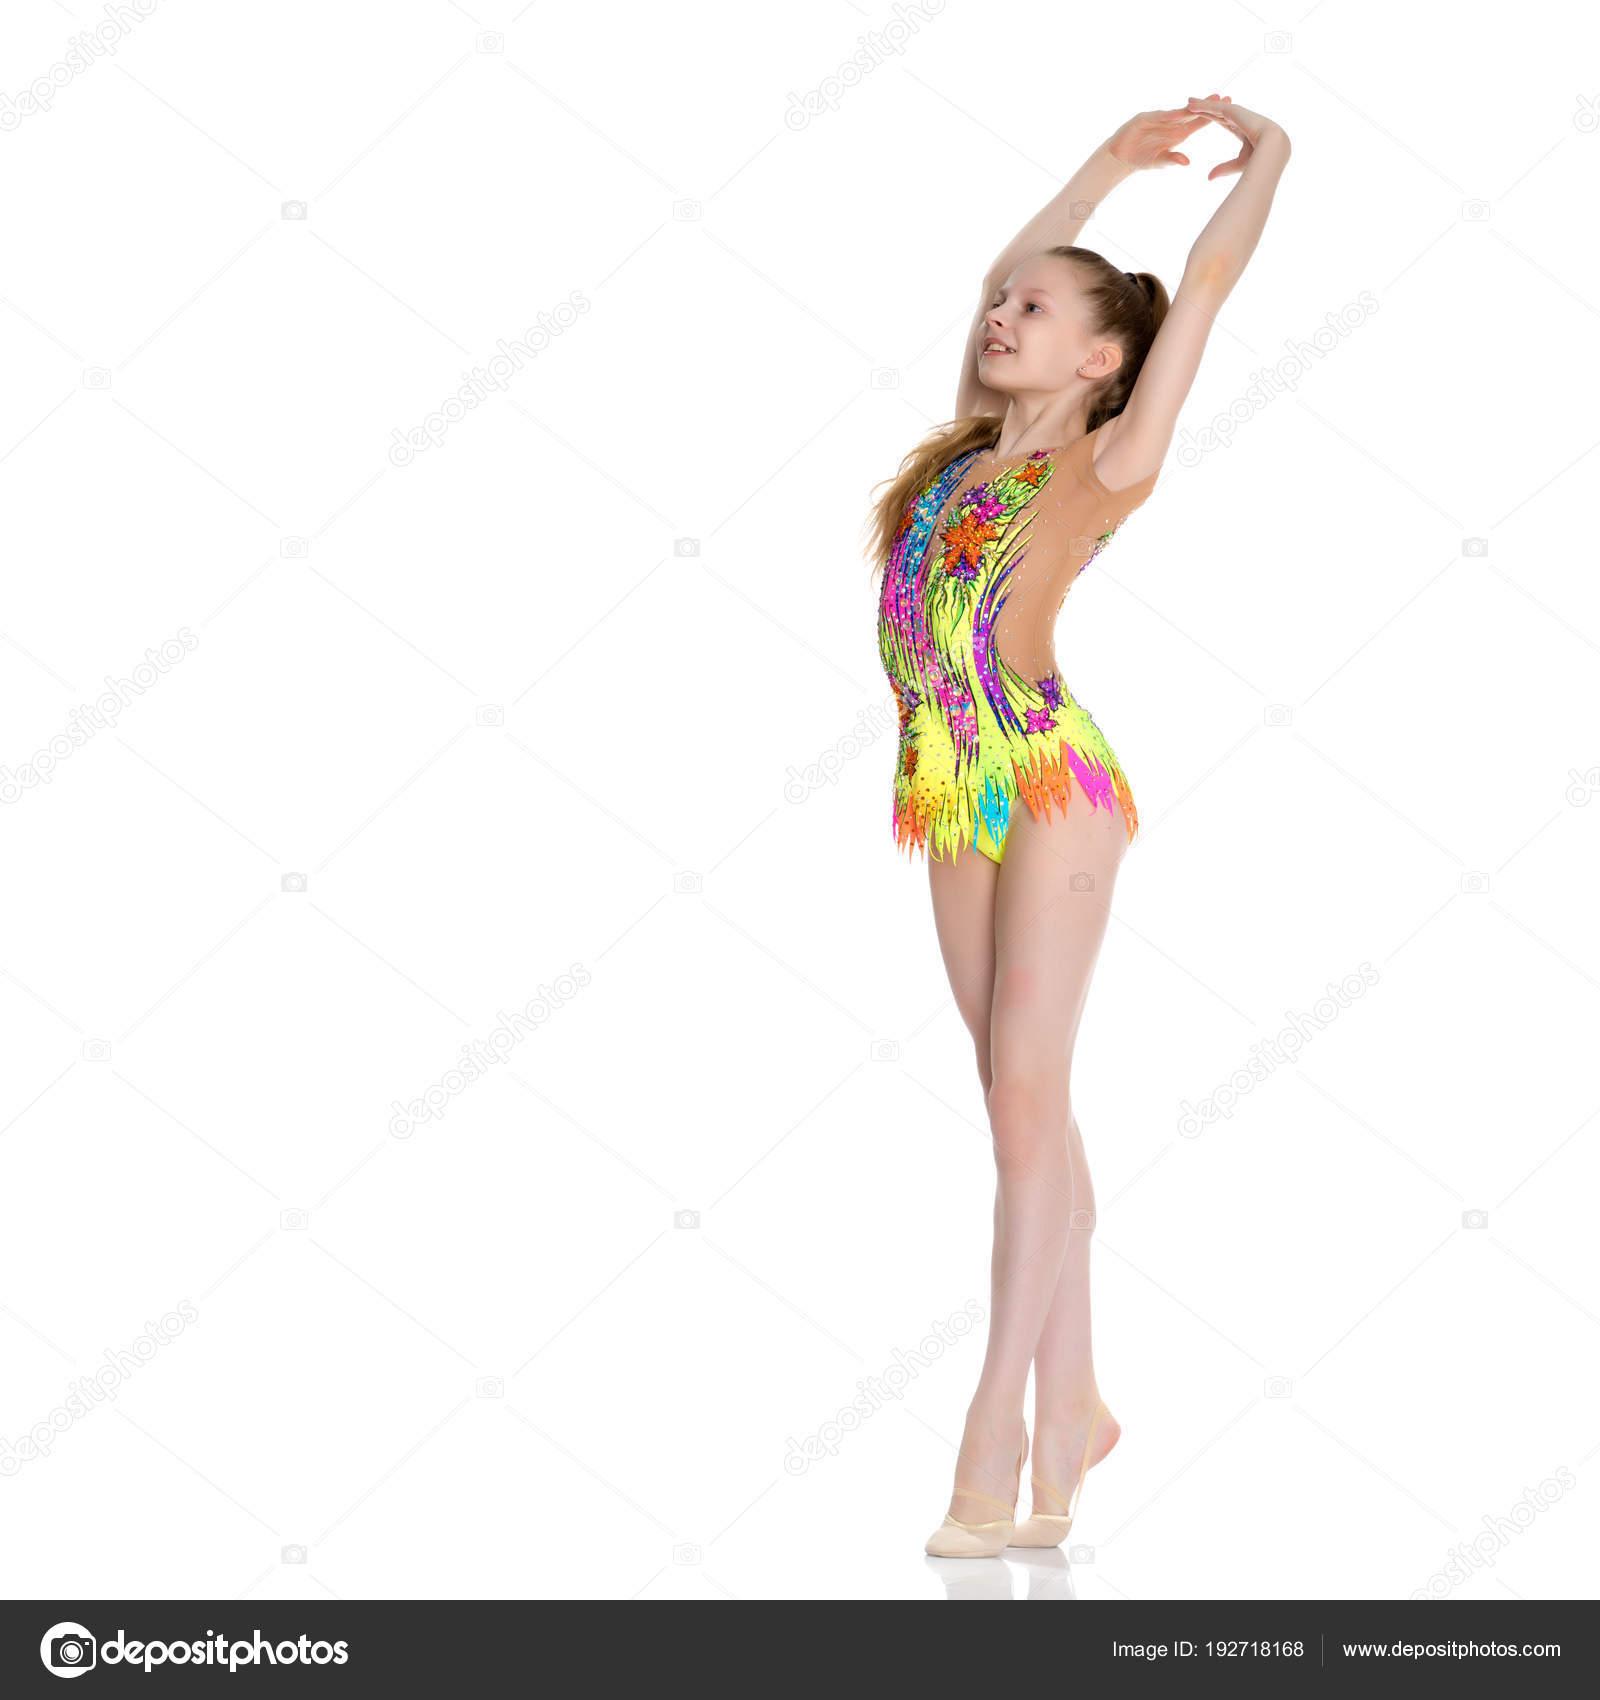 Девушка художественная гимнастка секси